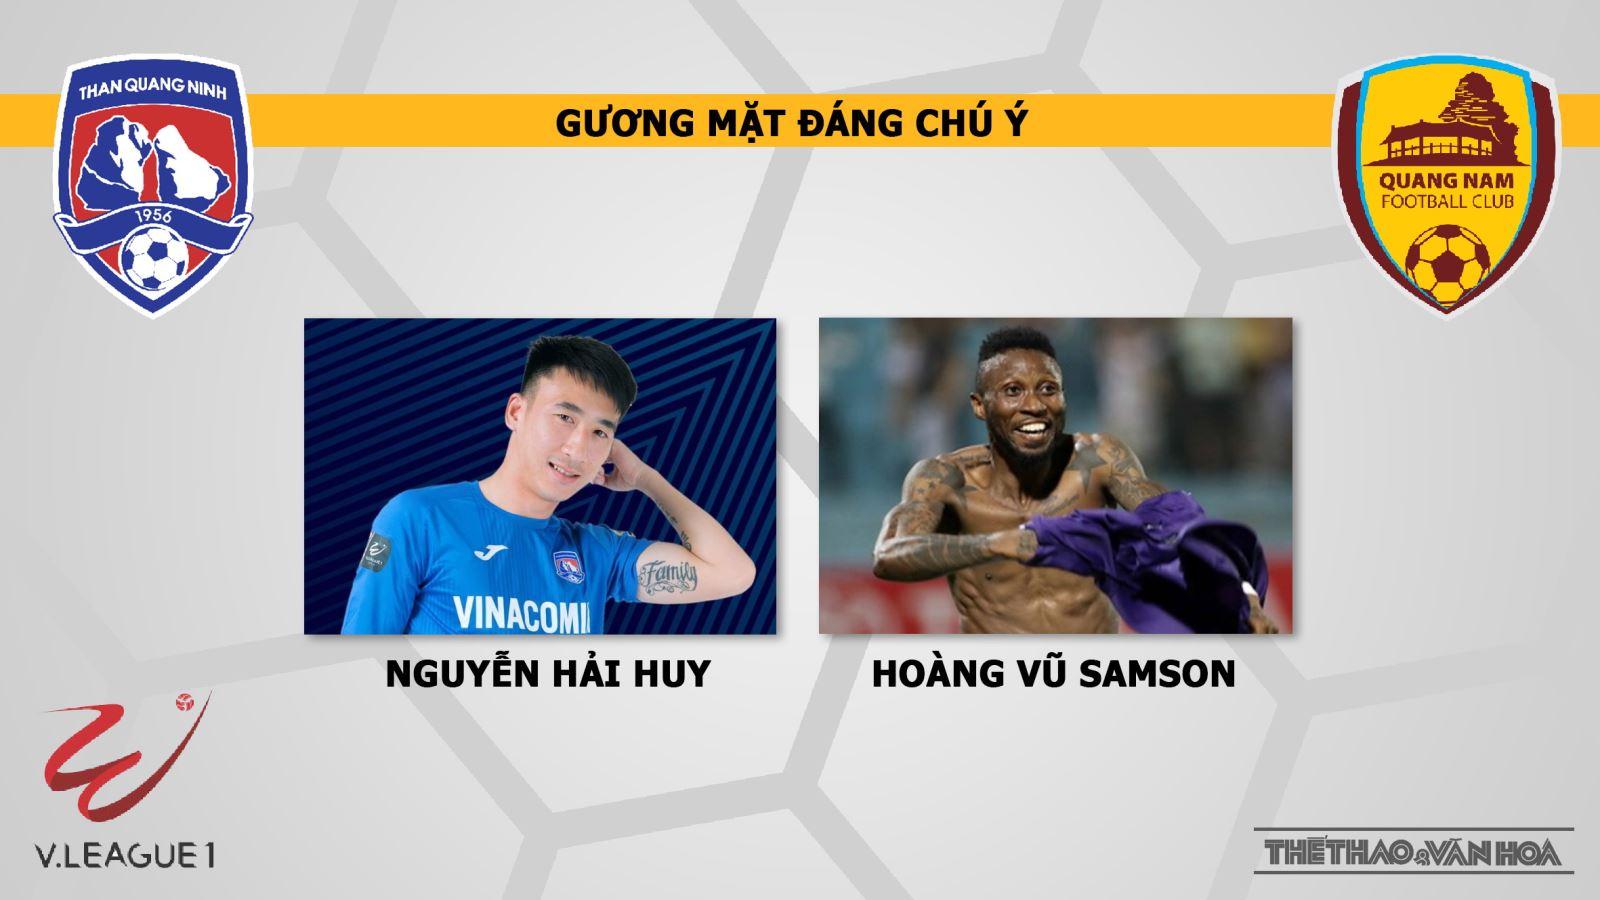 truc tiep bong da hôm nay, VTV6, FPT Play, xem bong da truc tuyen, Quảng Ninh đấu với Quảng Nam, soi keo bong da, Quảng Ninh vs Quảng Nam, trực tiếp bóng đá Việt Nam